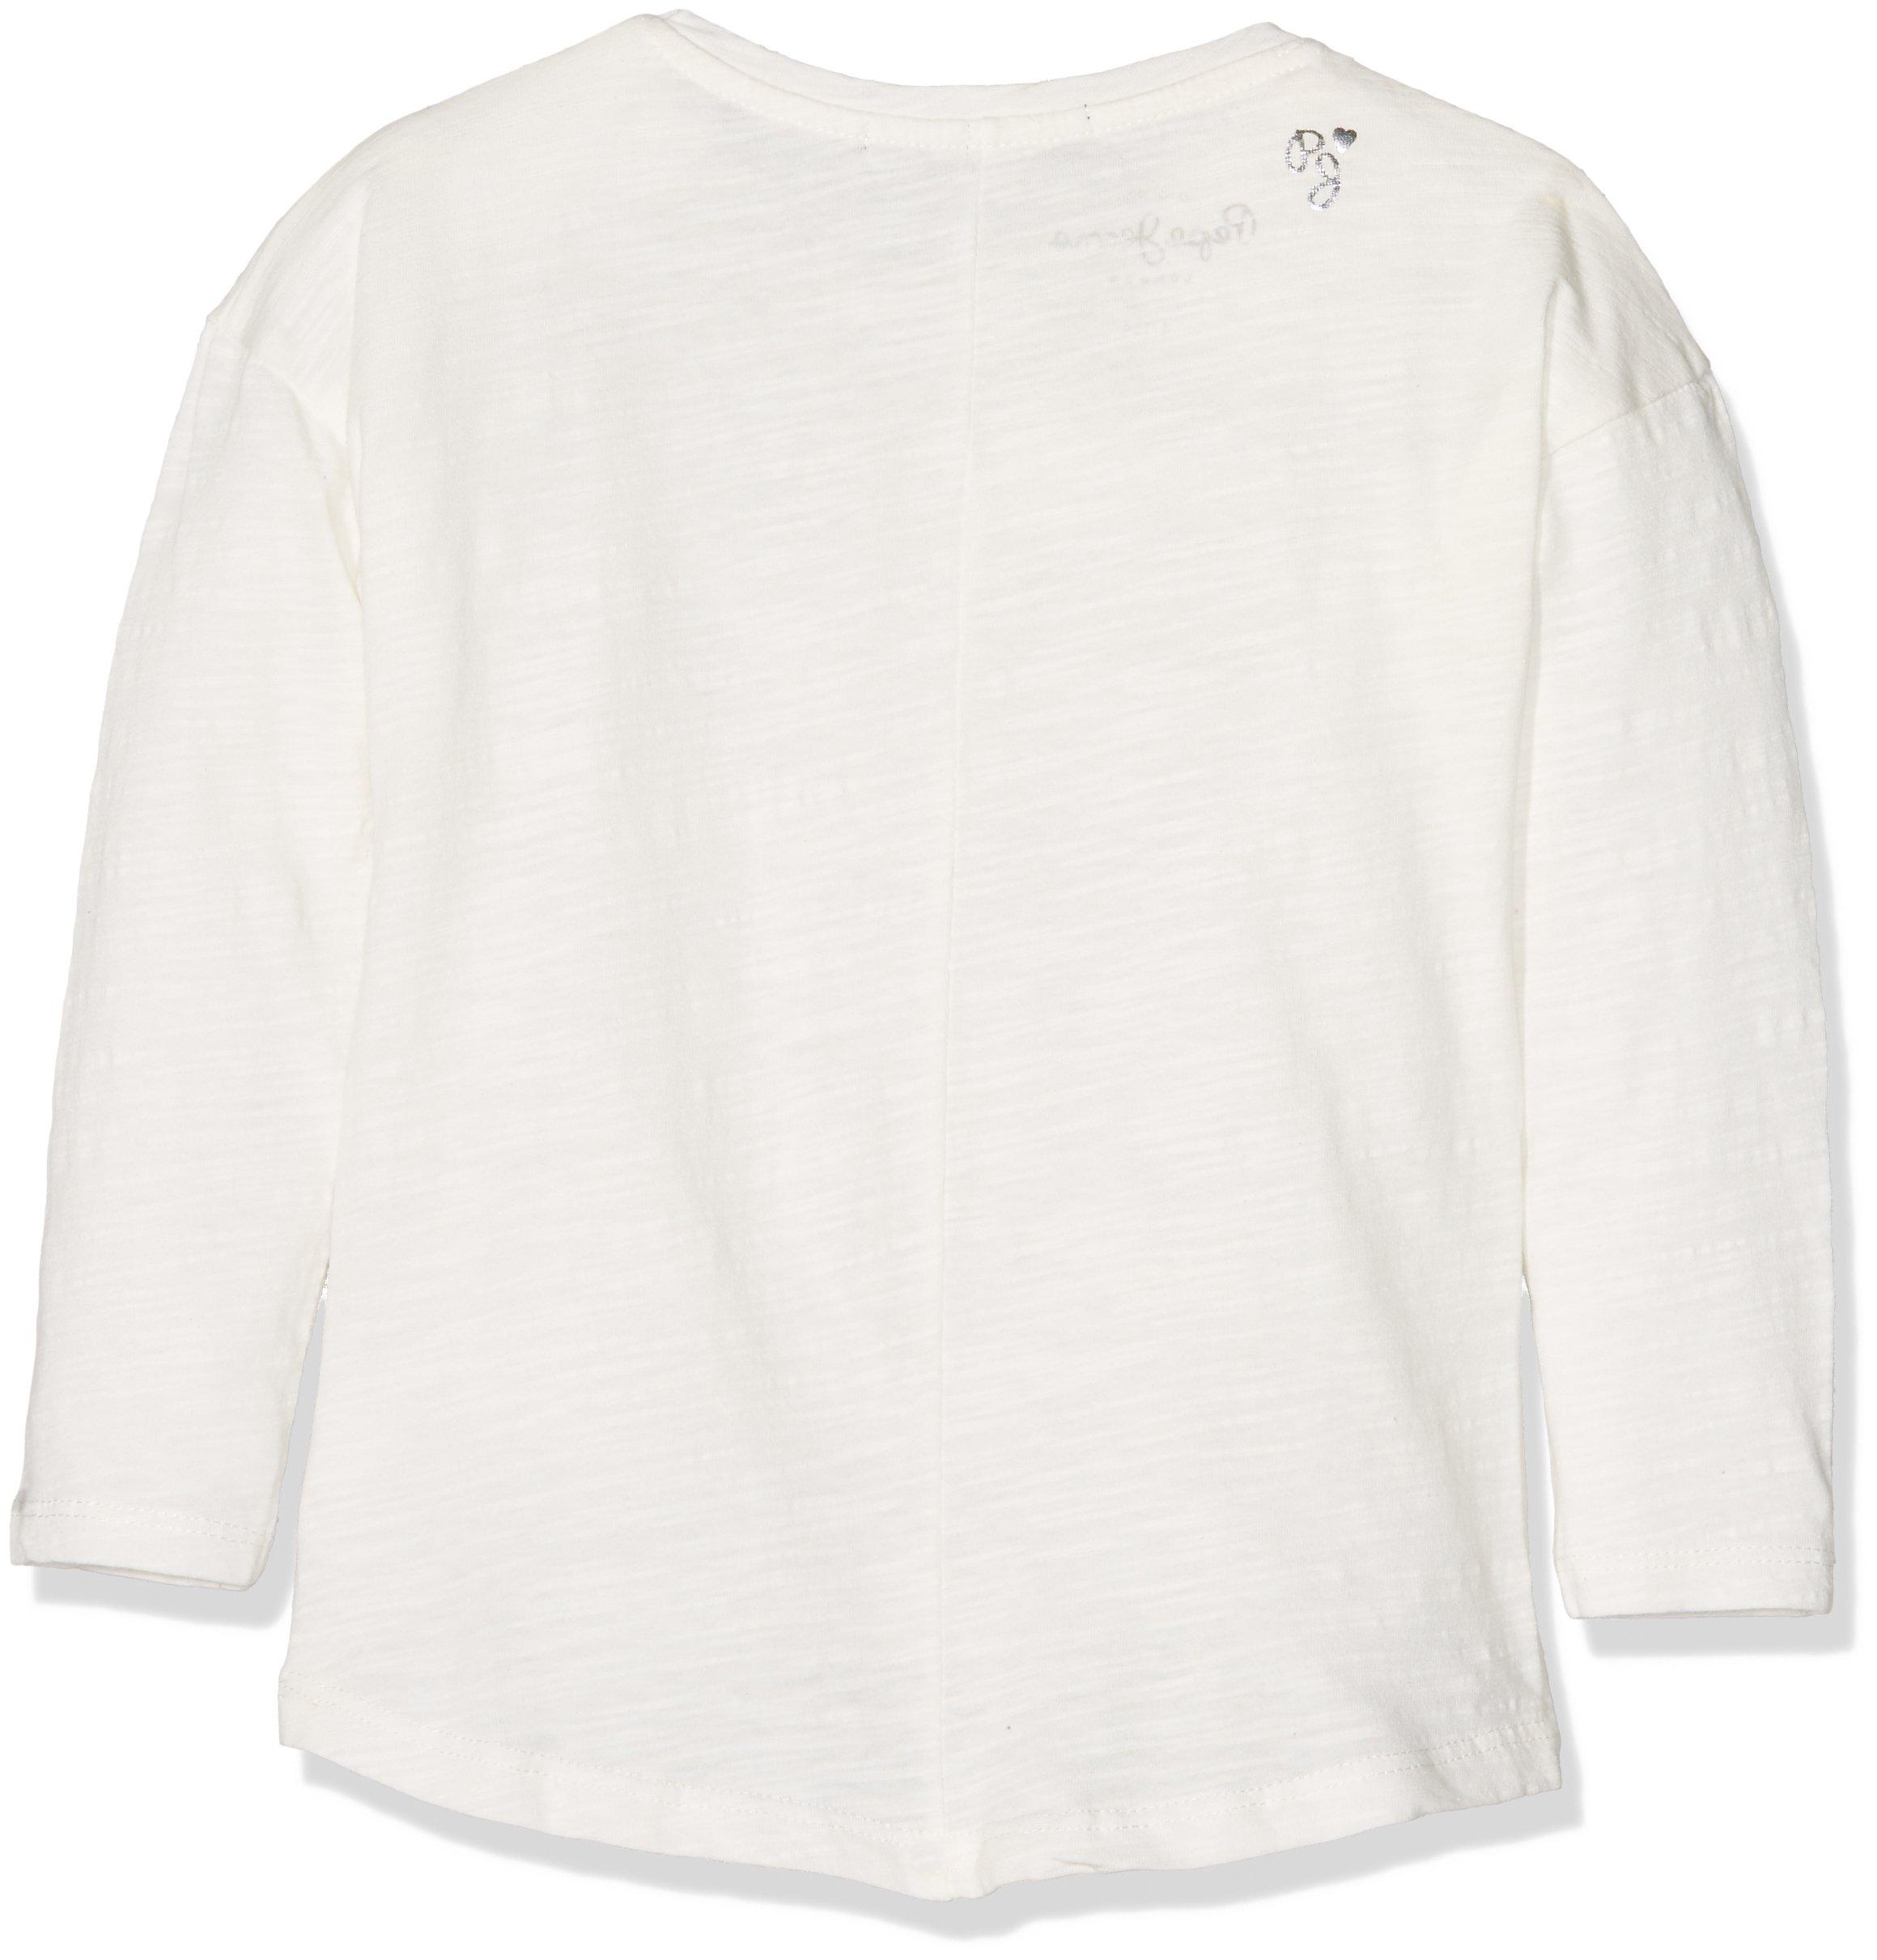 Pepe Jeans Joanna Jr Camiseta para Niños